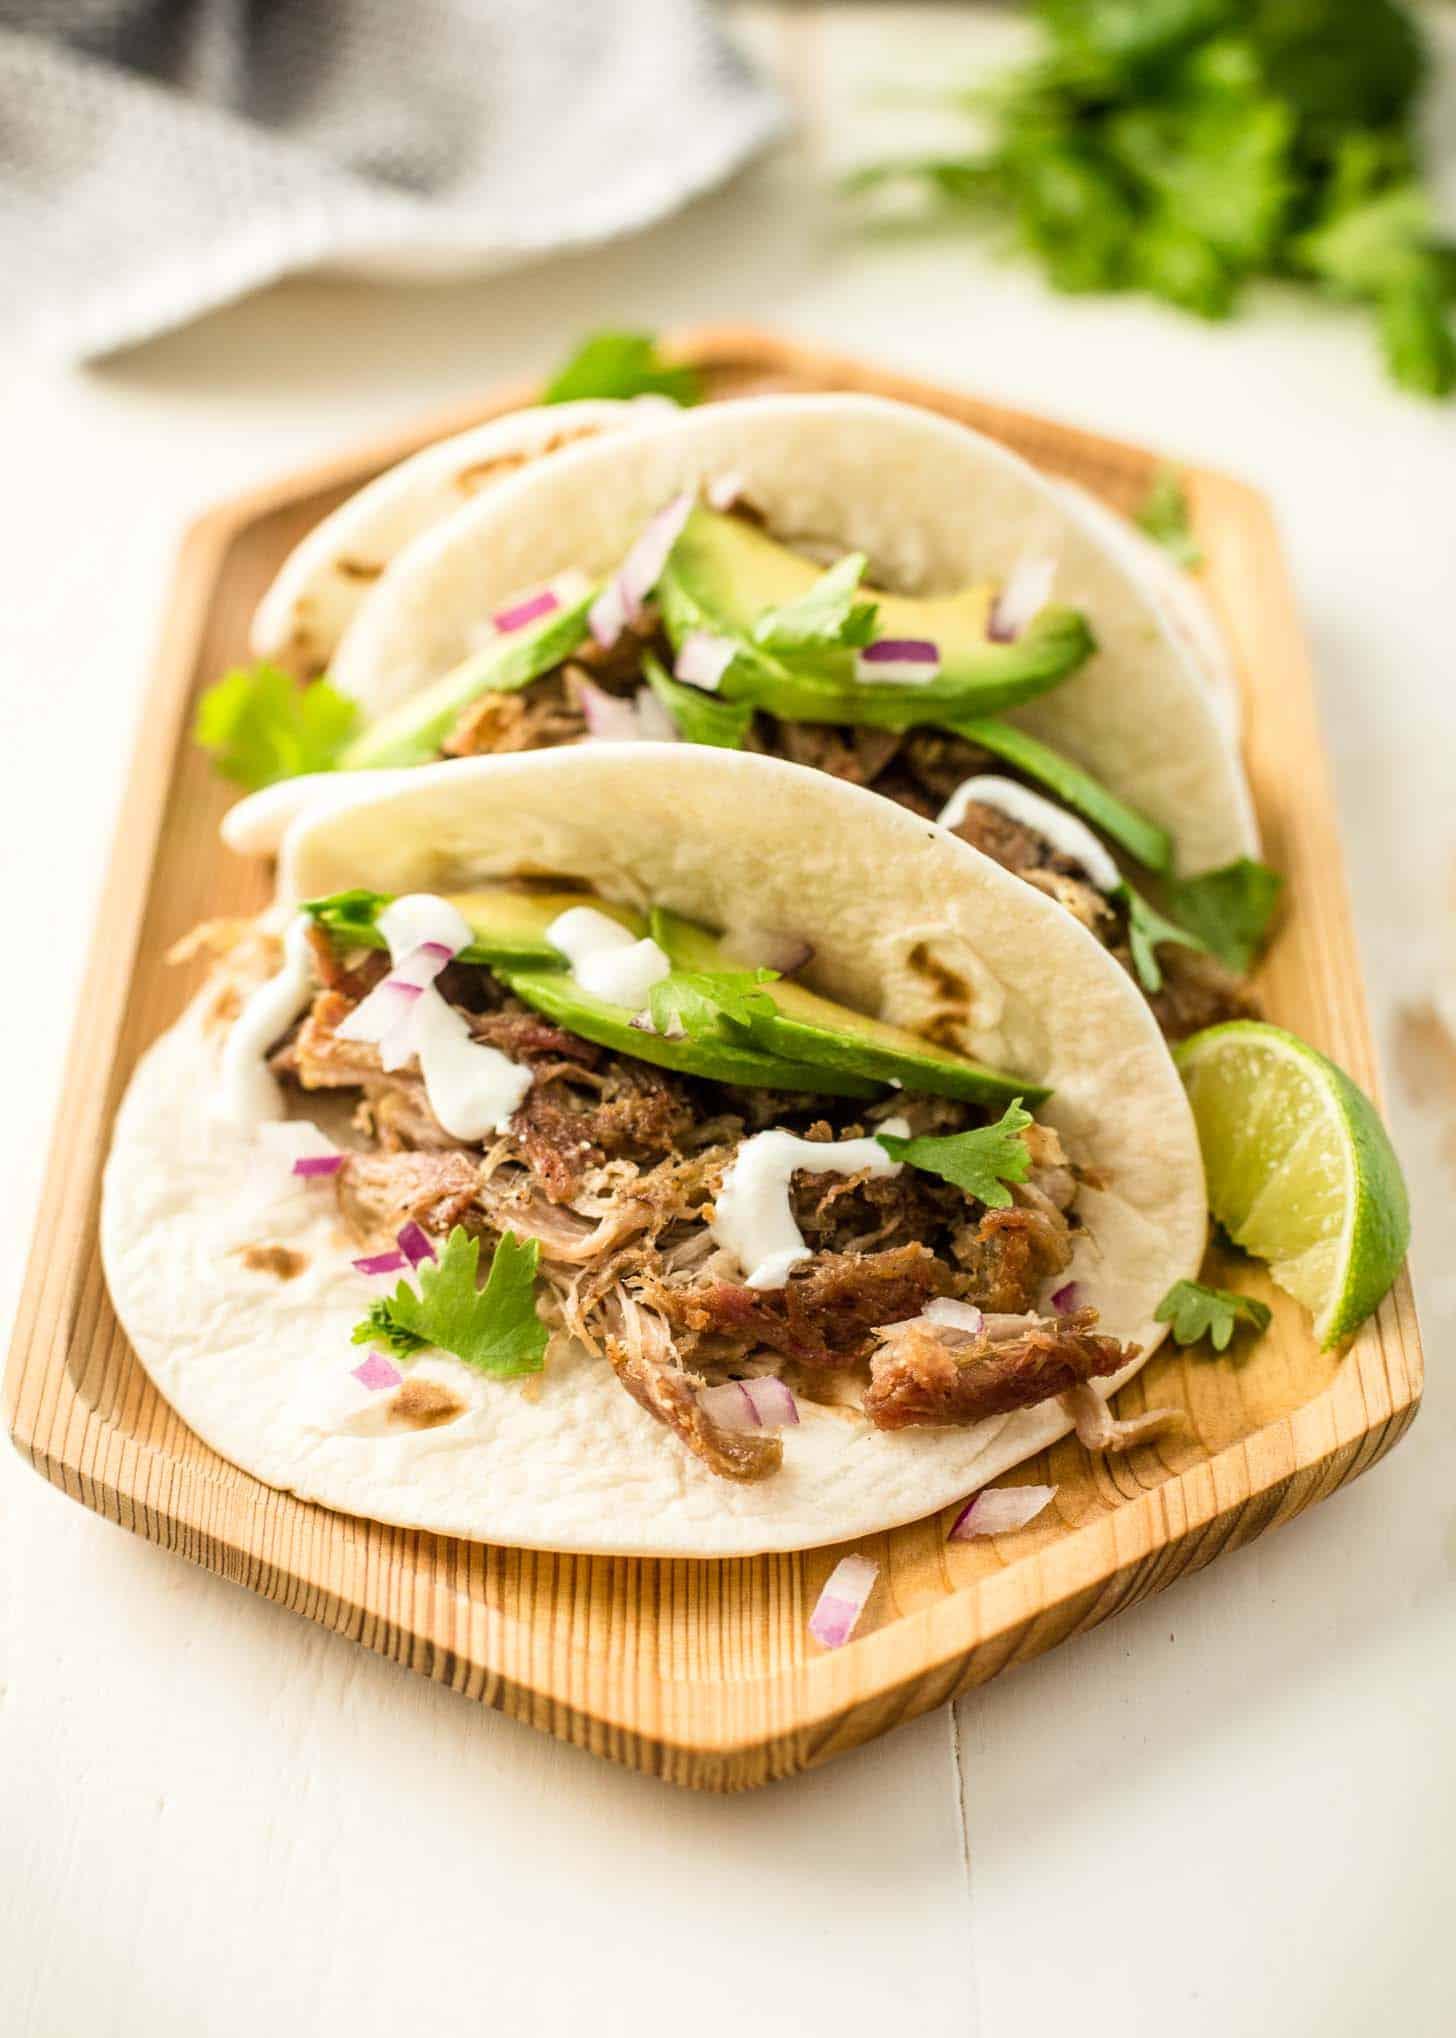 pork carnitas tacos on a wooden tray